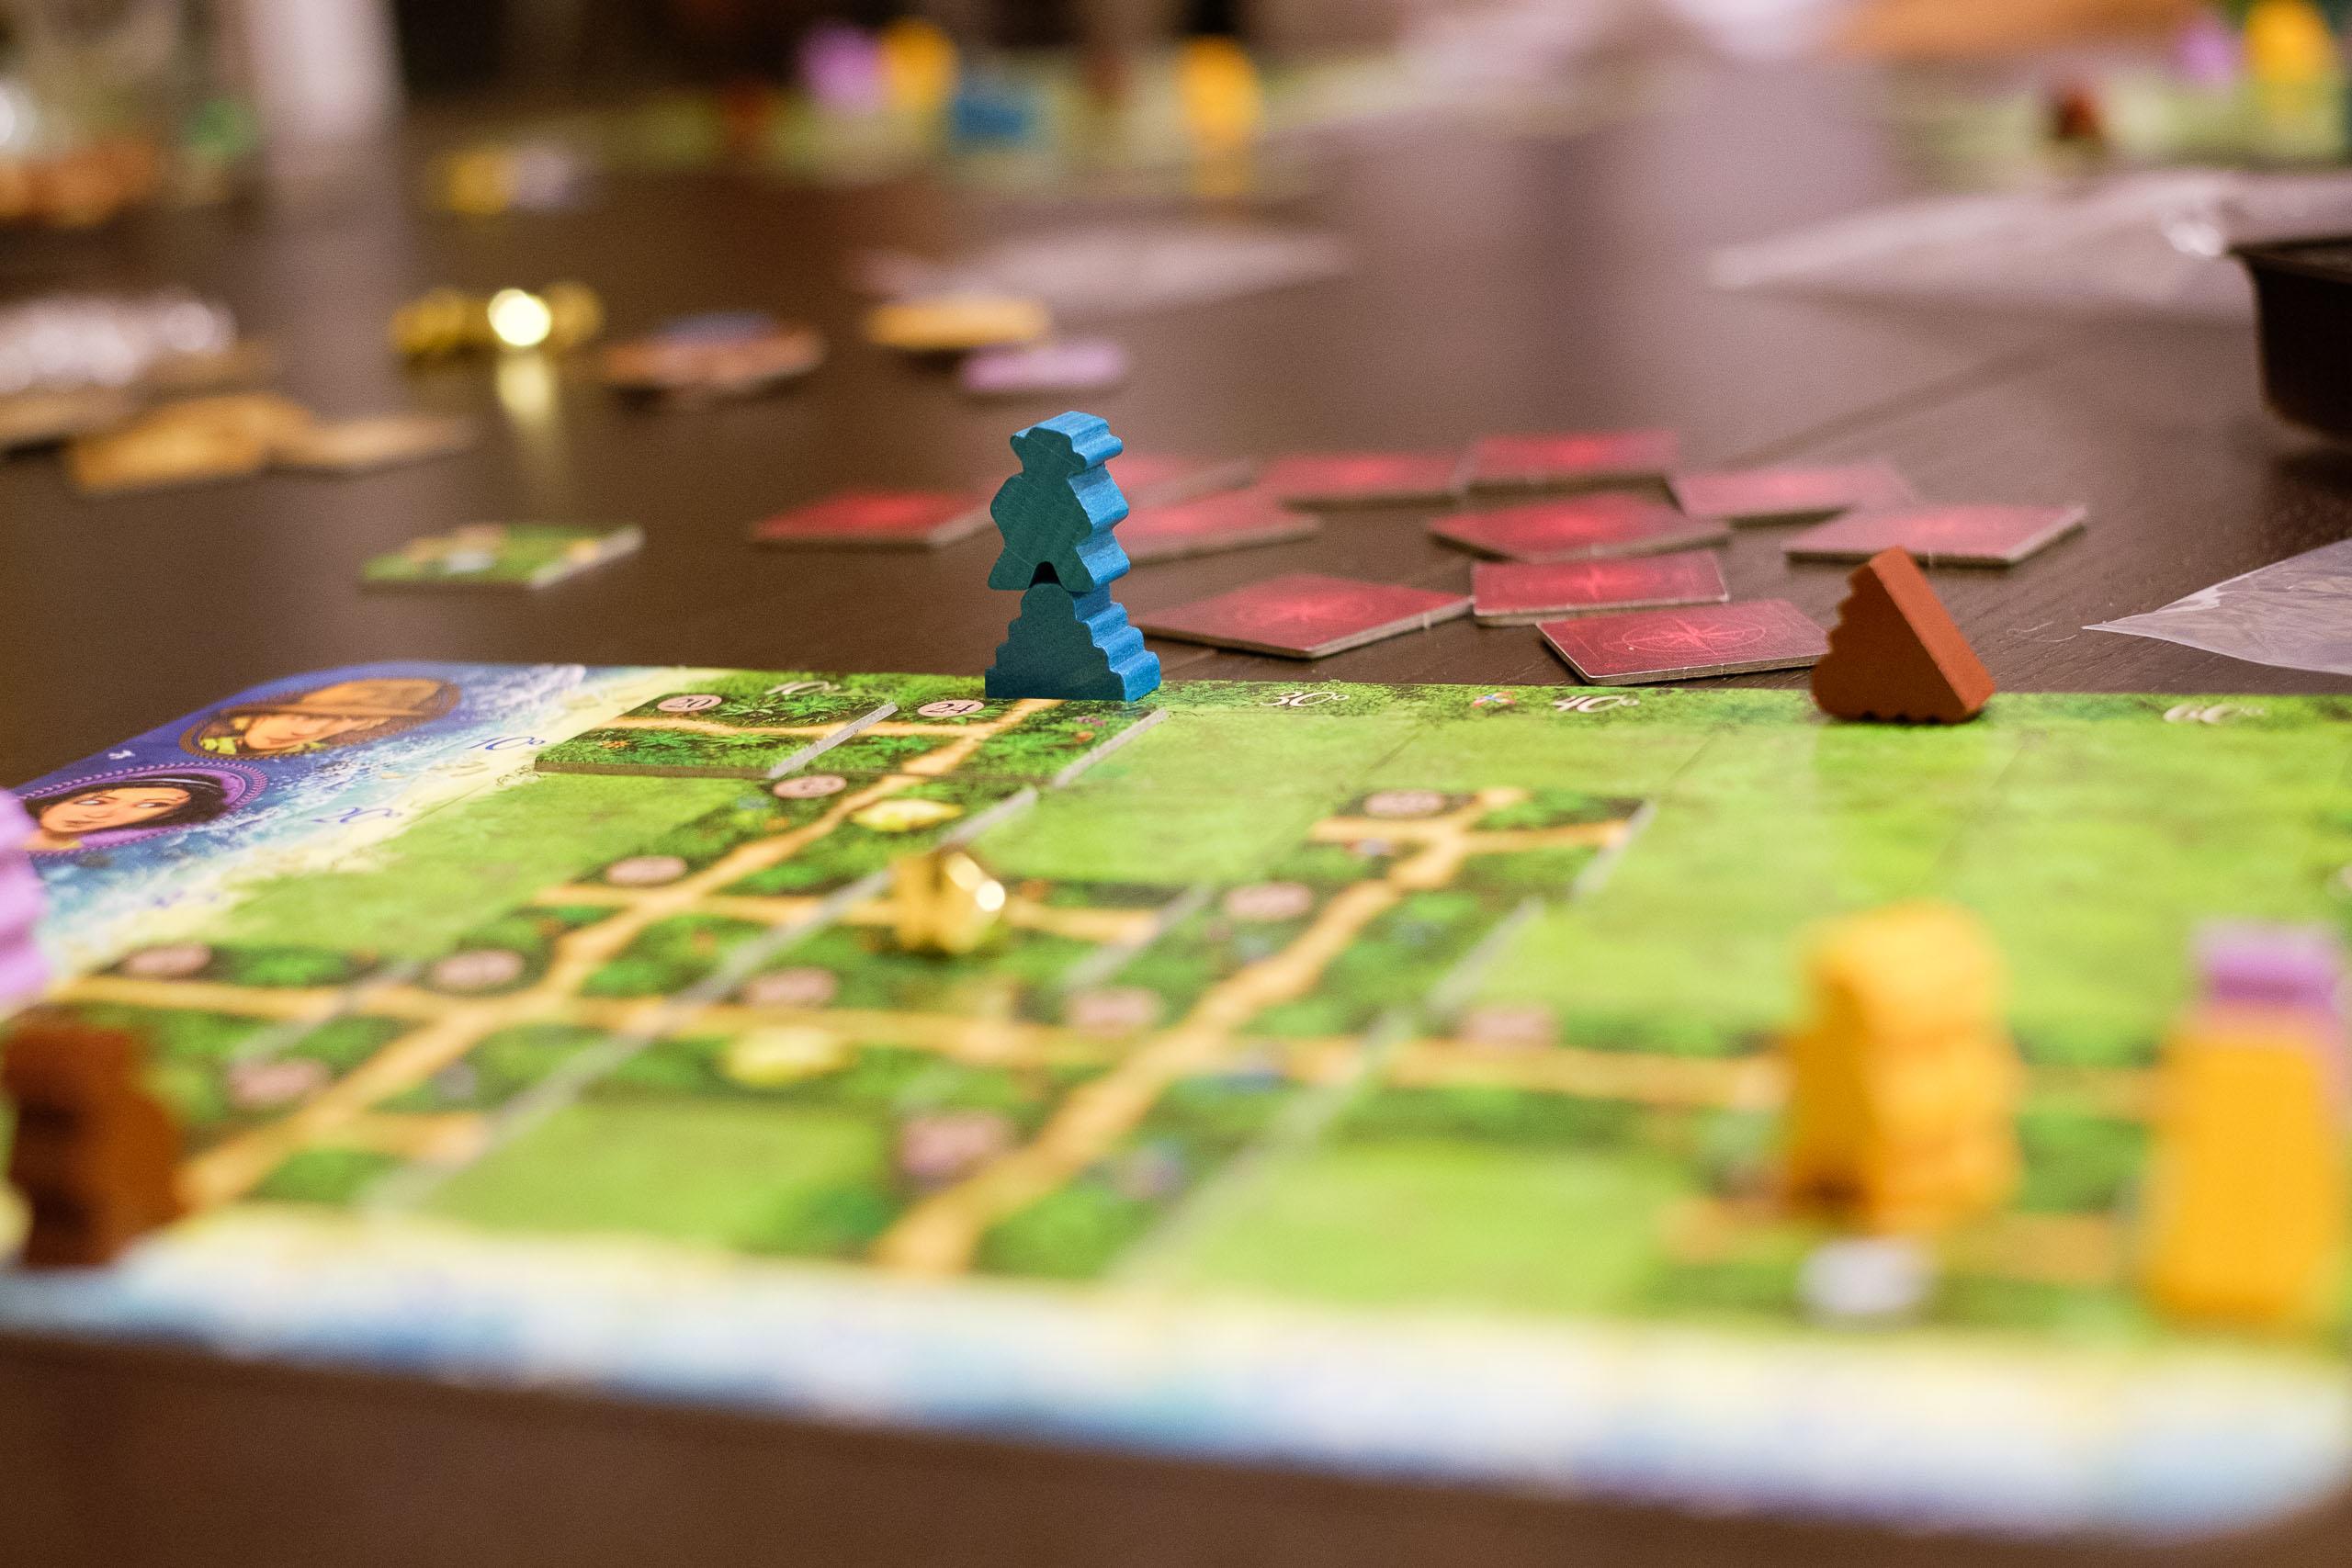 Karuba – страхотна игра, подходяща за всеки!